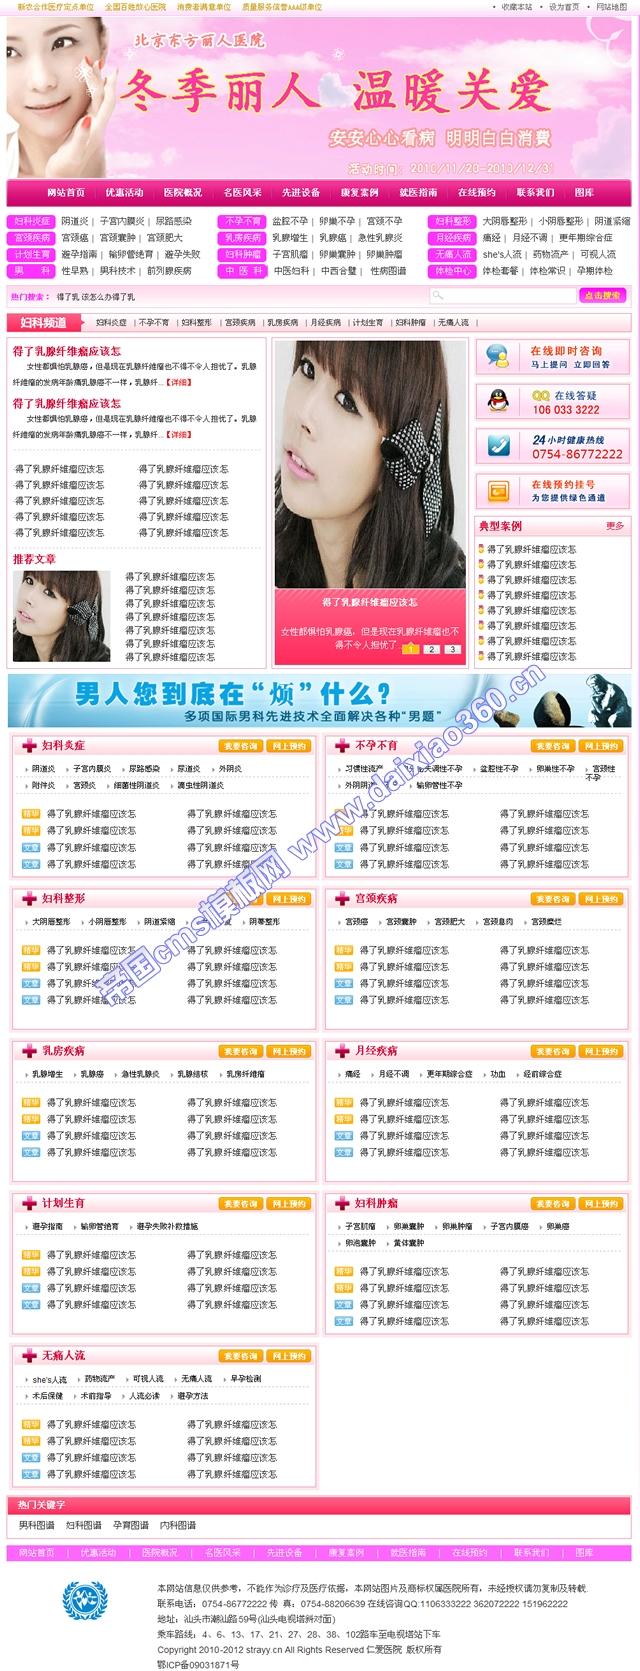 帝国妇科医院网站模板_频道页